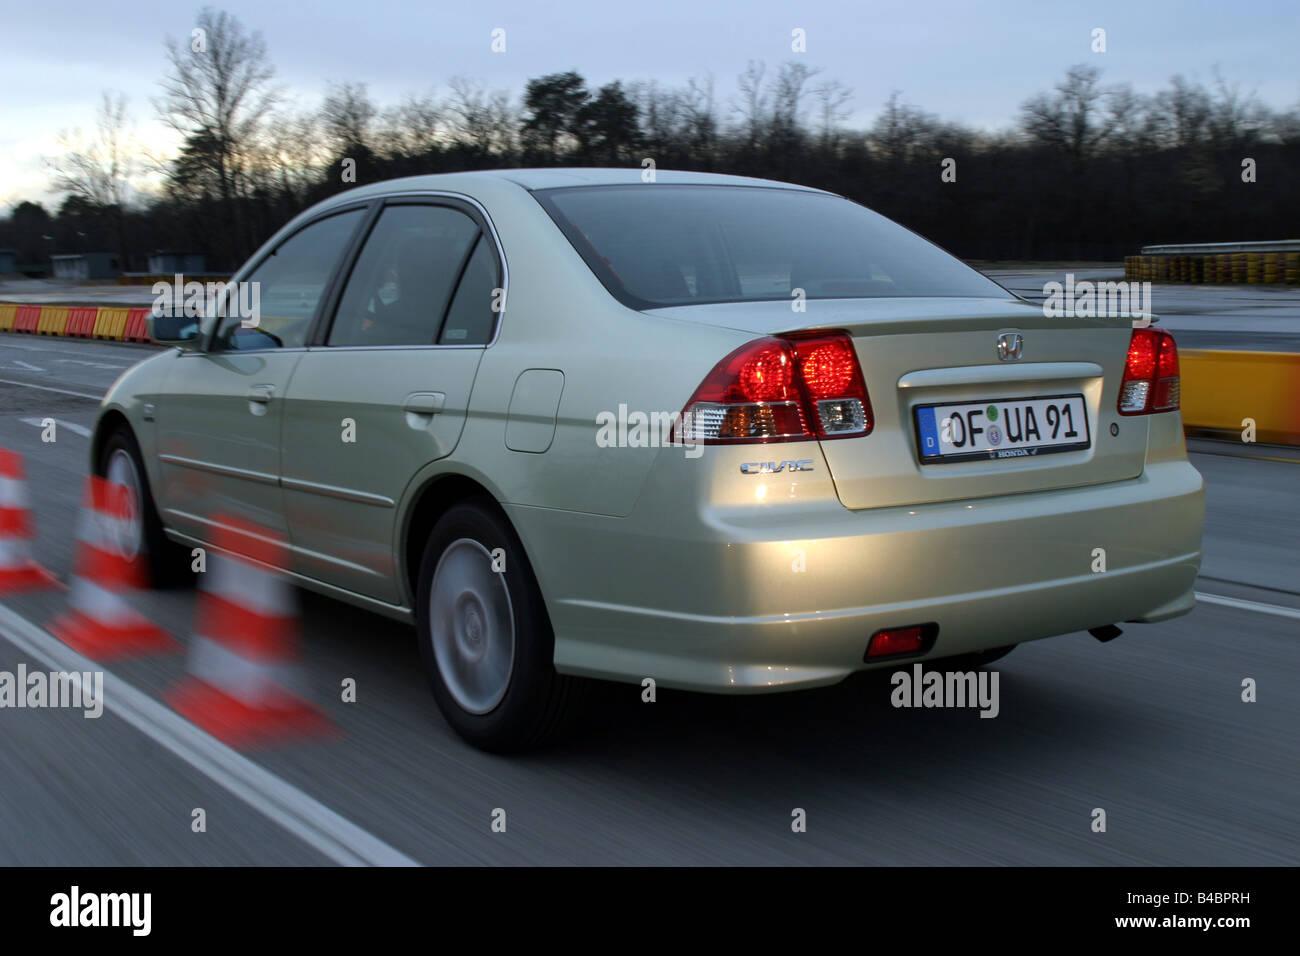 Auto Honda Civic 13i Ima Hybrid Modelljahr 2003 Silber Grn Fguj Fahren Diagonal Von Hinten Hintere Ansicht Seitenansicht